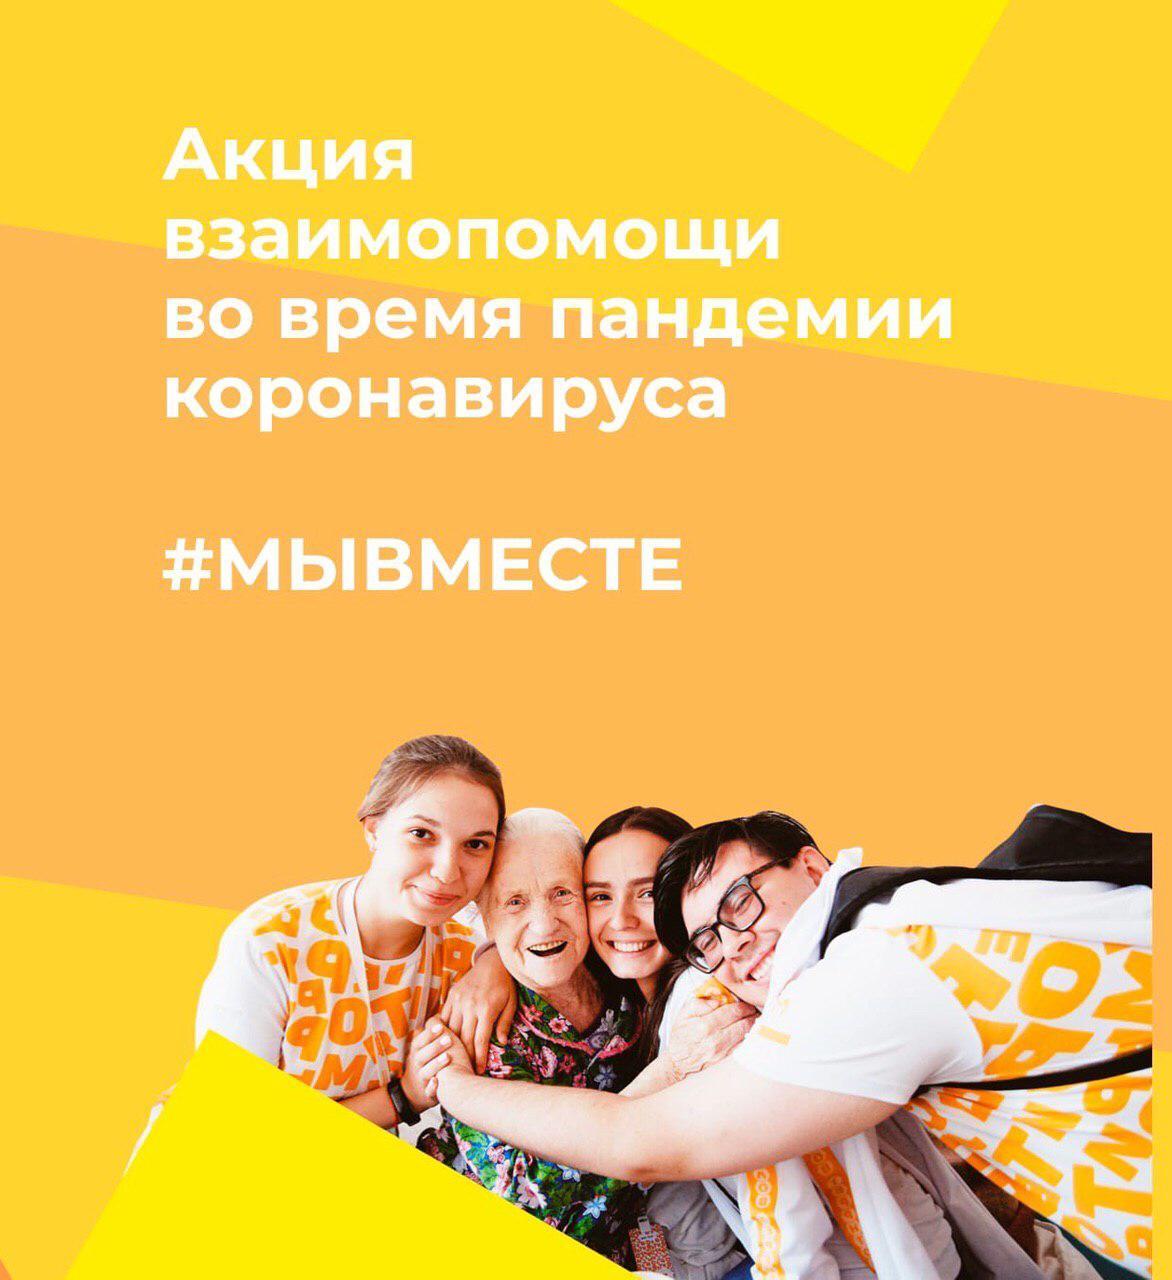 21 марта в рамках акции #МыВместе открылся агрегатор для граждан и организаций, которые хотят помогать другим в период эпидемии коронавируса